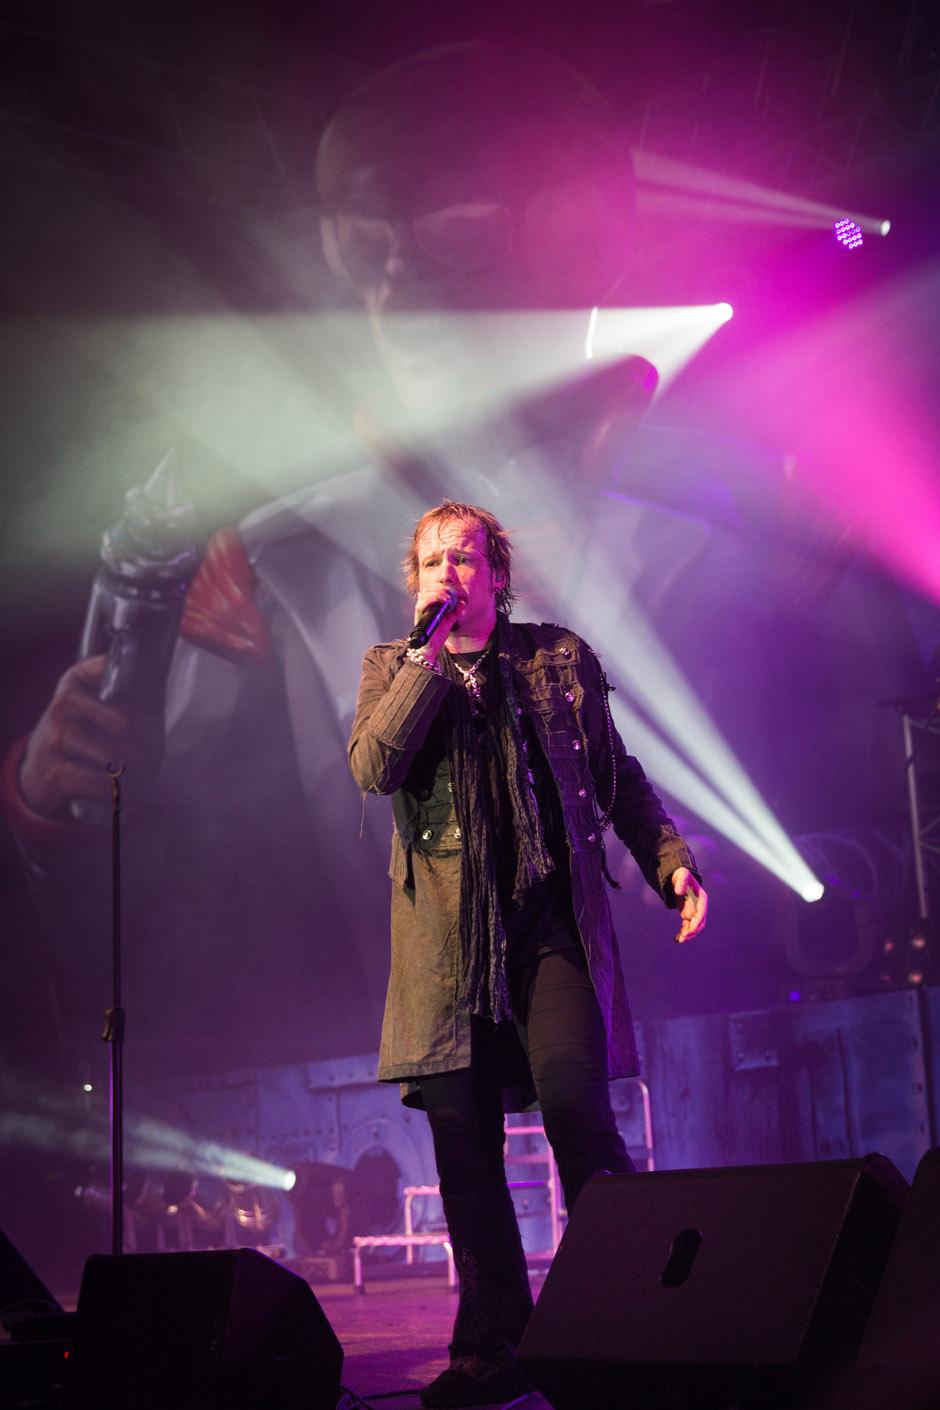 Edguy live, 28.09.2014 Oberhausen